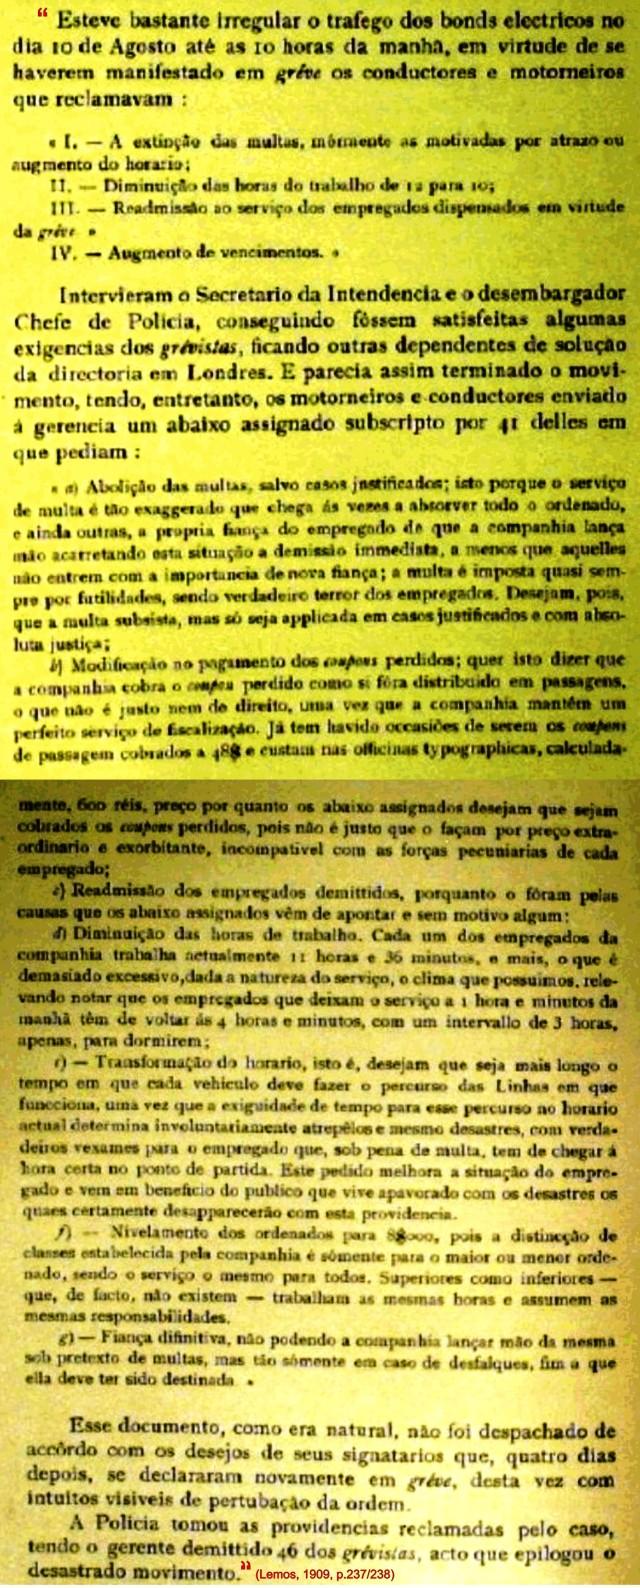 Lemos 1909